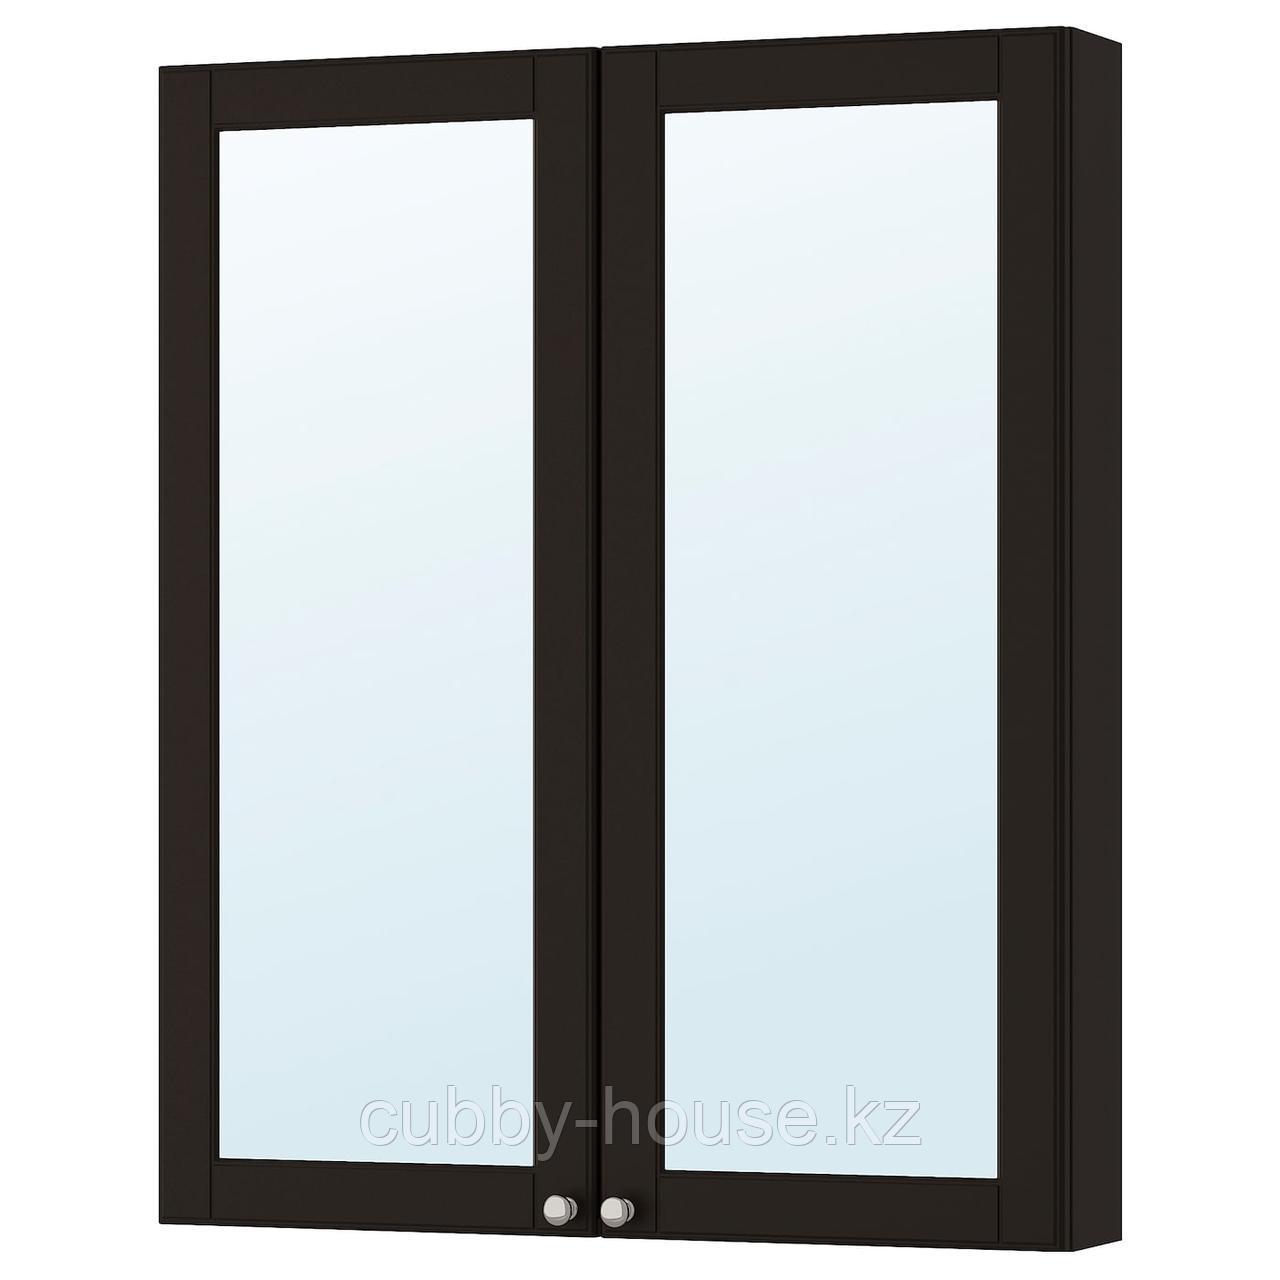 ГОДМОРГОН Зеркальный шкаф с 2 дверцами, Кашён светло-серый, 80x14x96 см